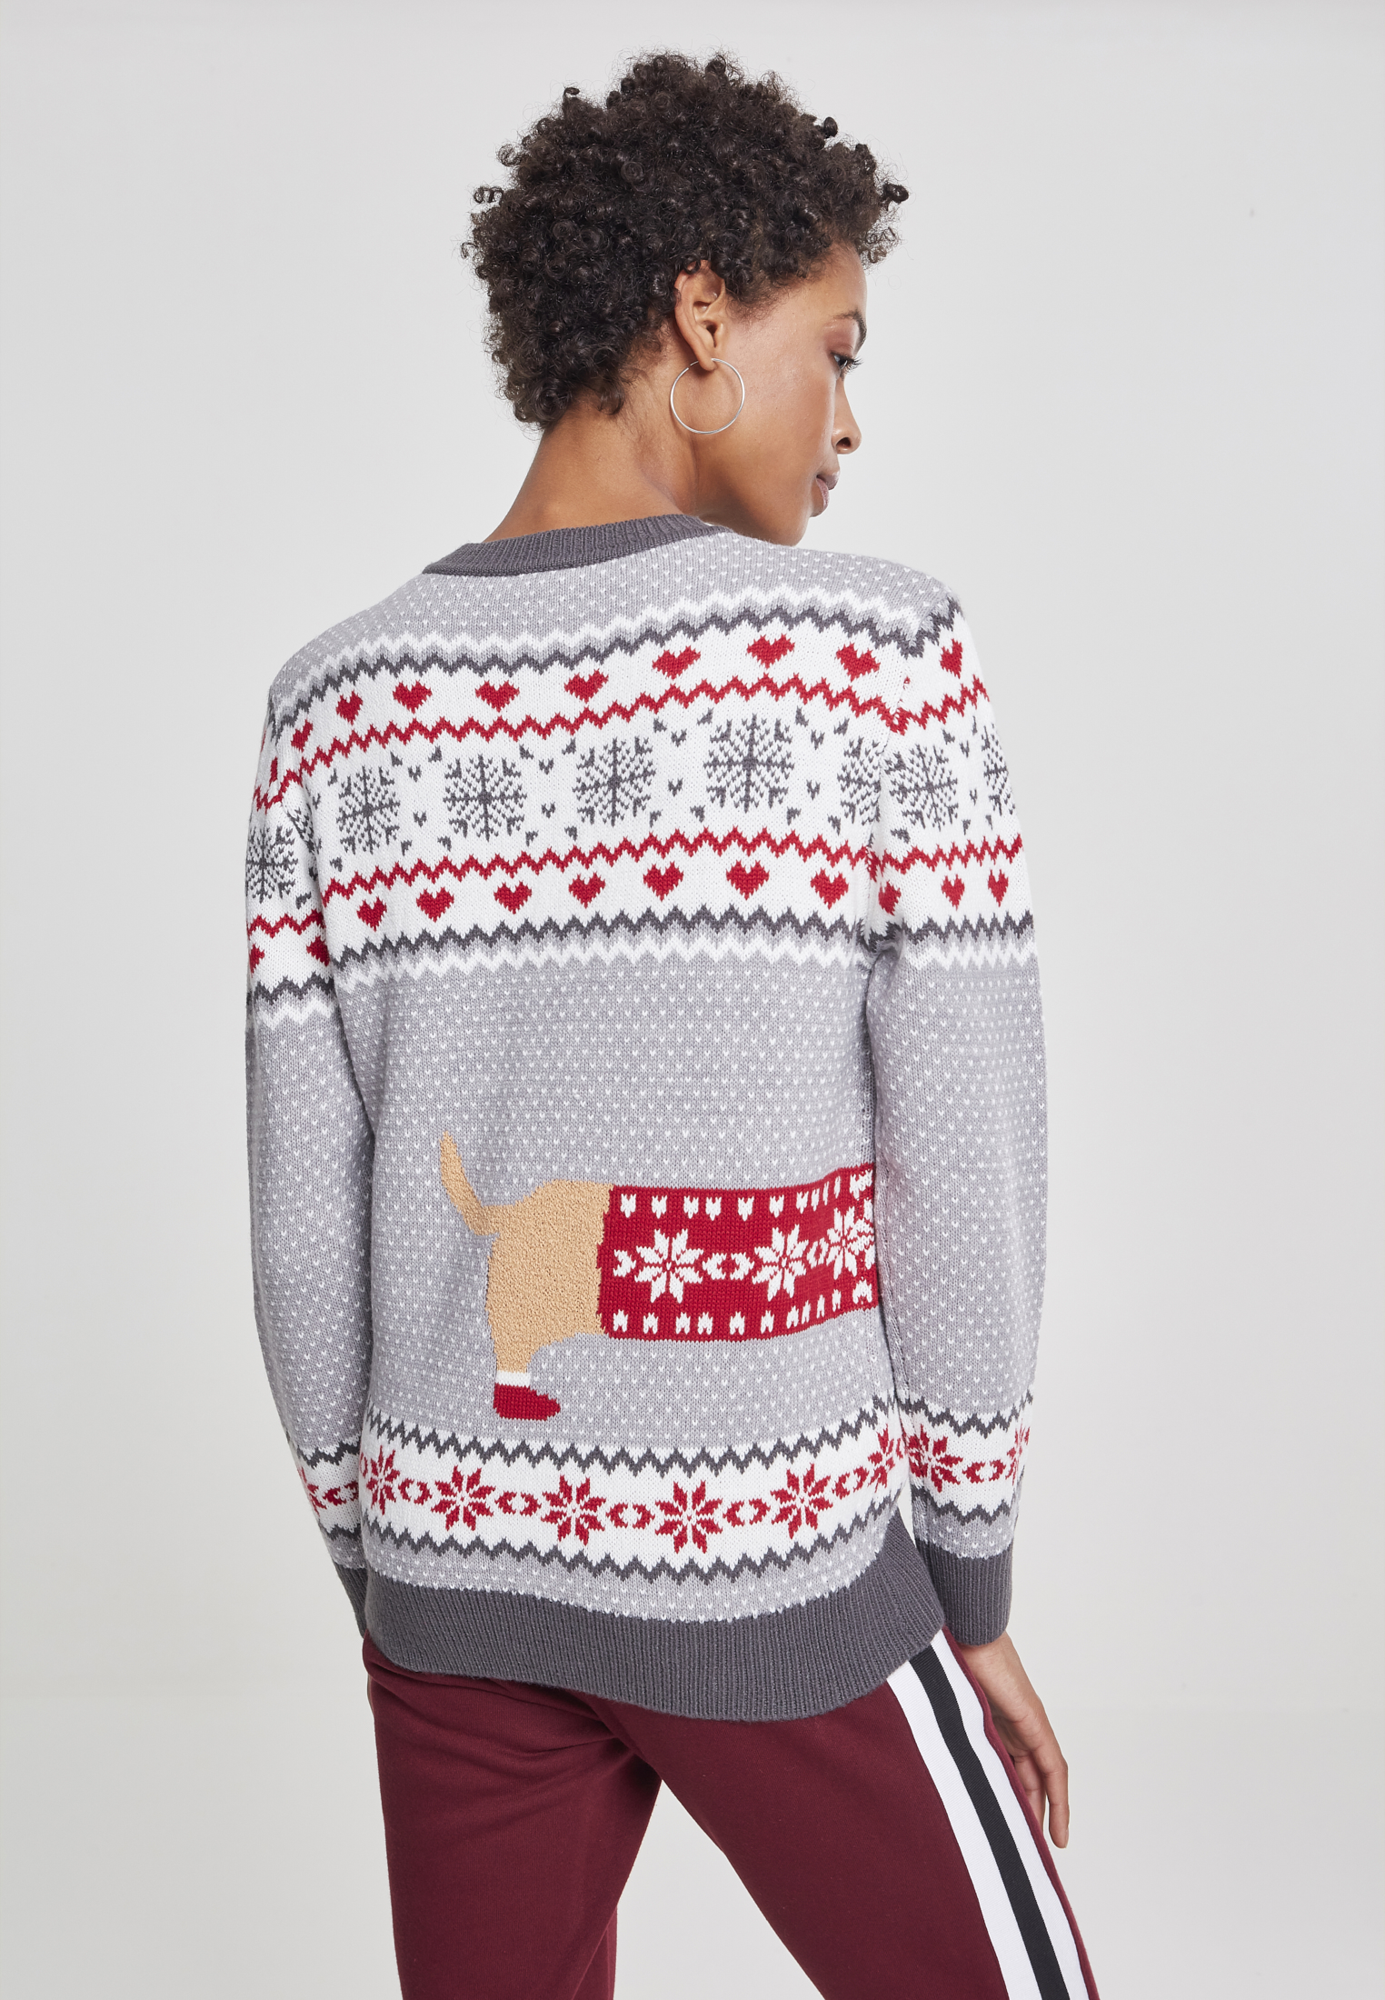 fe267e4bd627 Vianočný sveter - Potlač tričiek a iného oblečenia